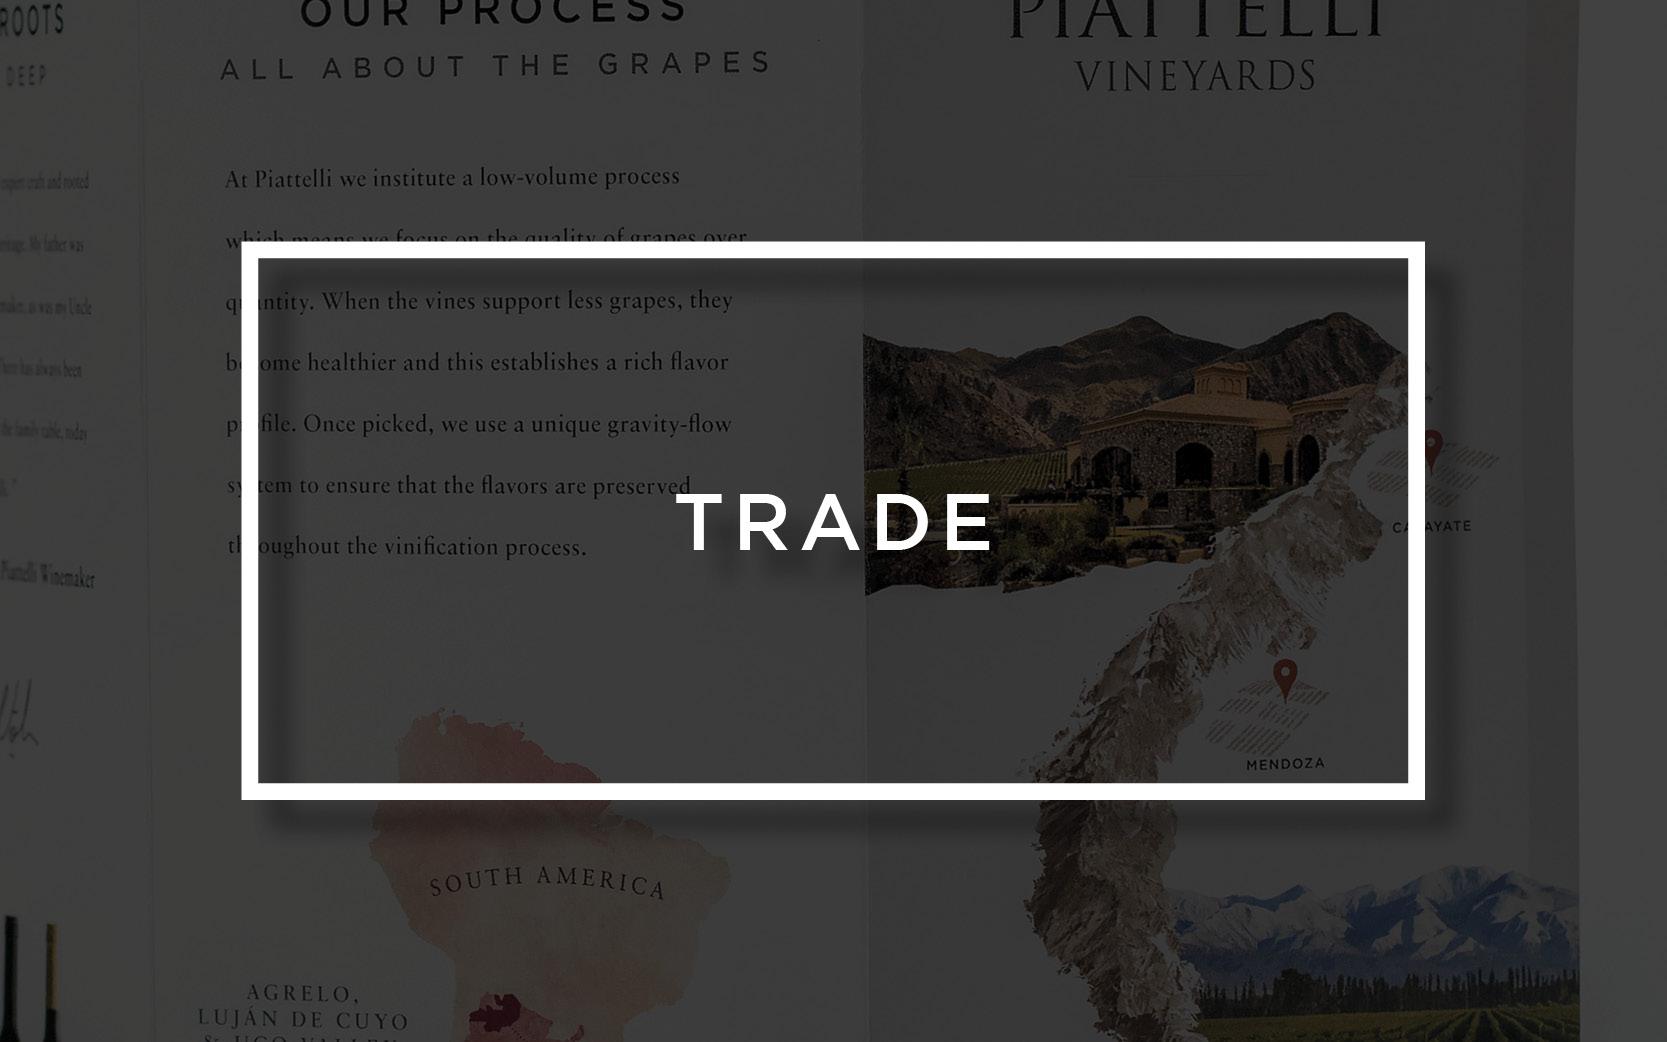 Piattelli Vineyards Trade